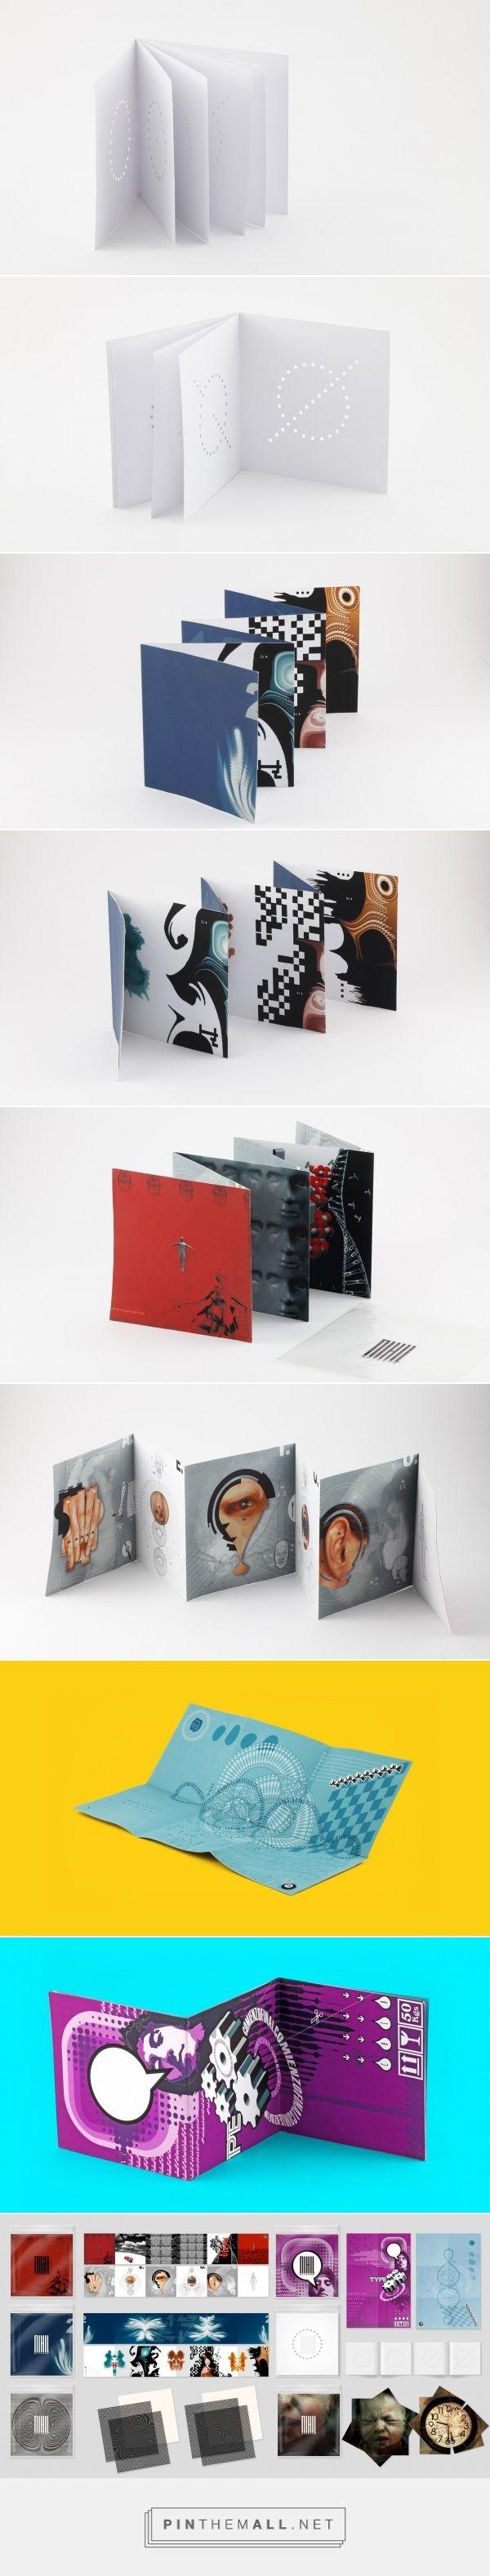 revista / arte / editorial / diseño / color / forma